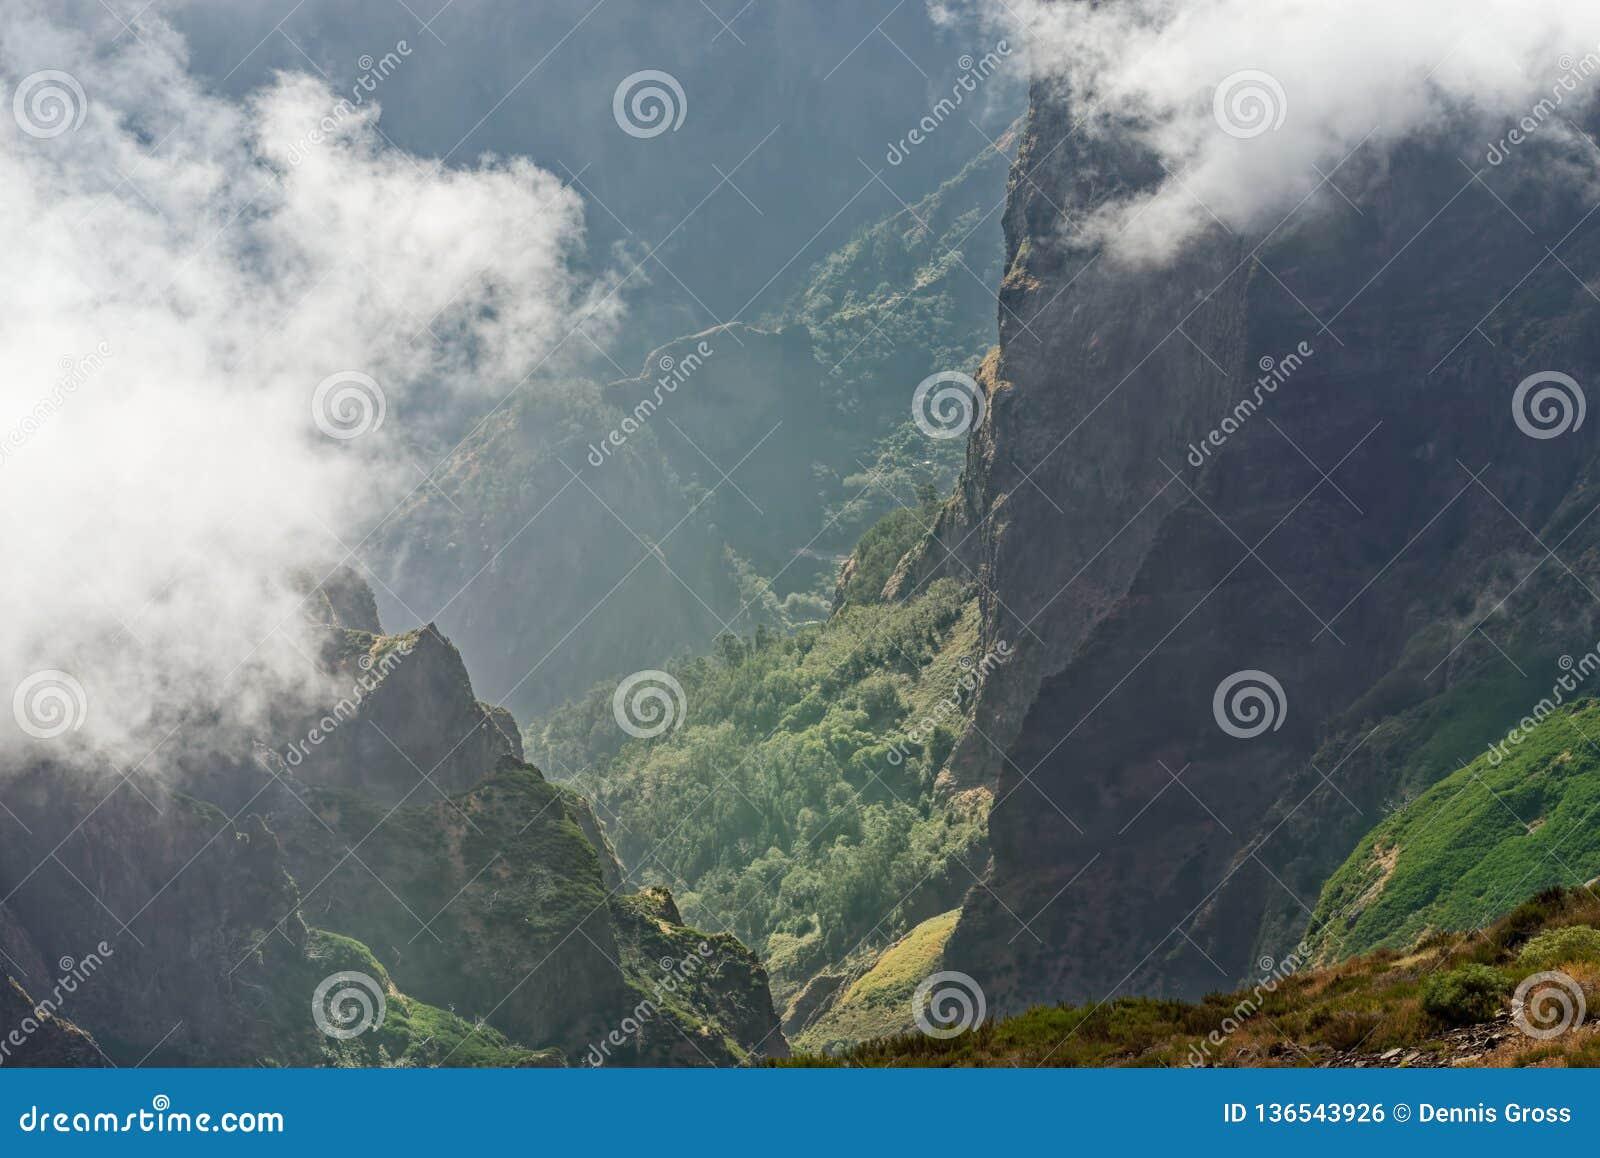 Άποψη κάτω από την αιχμή βουνών σε μια κοιλάδα στον απόμακρο